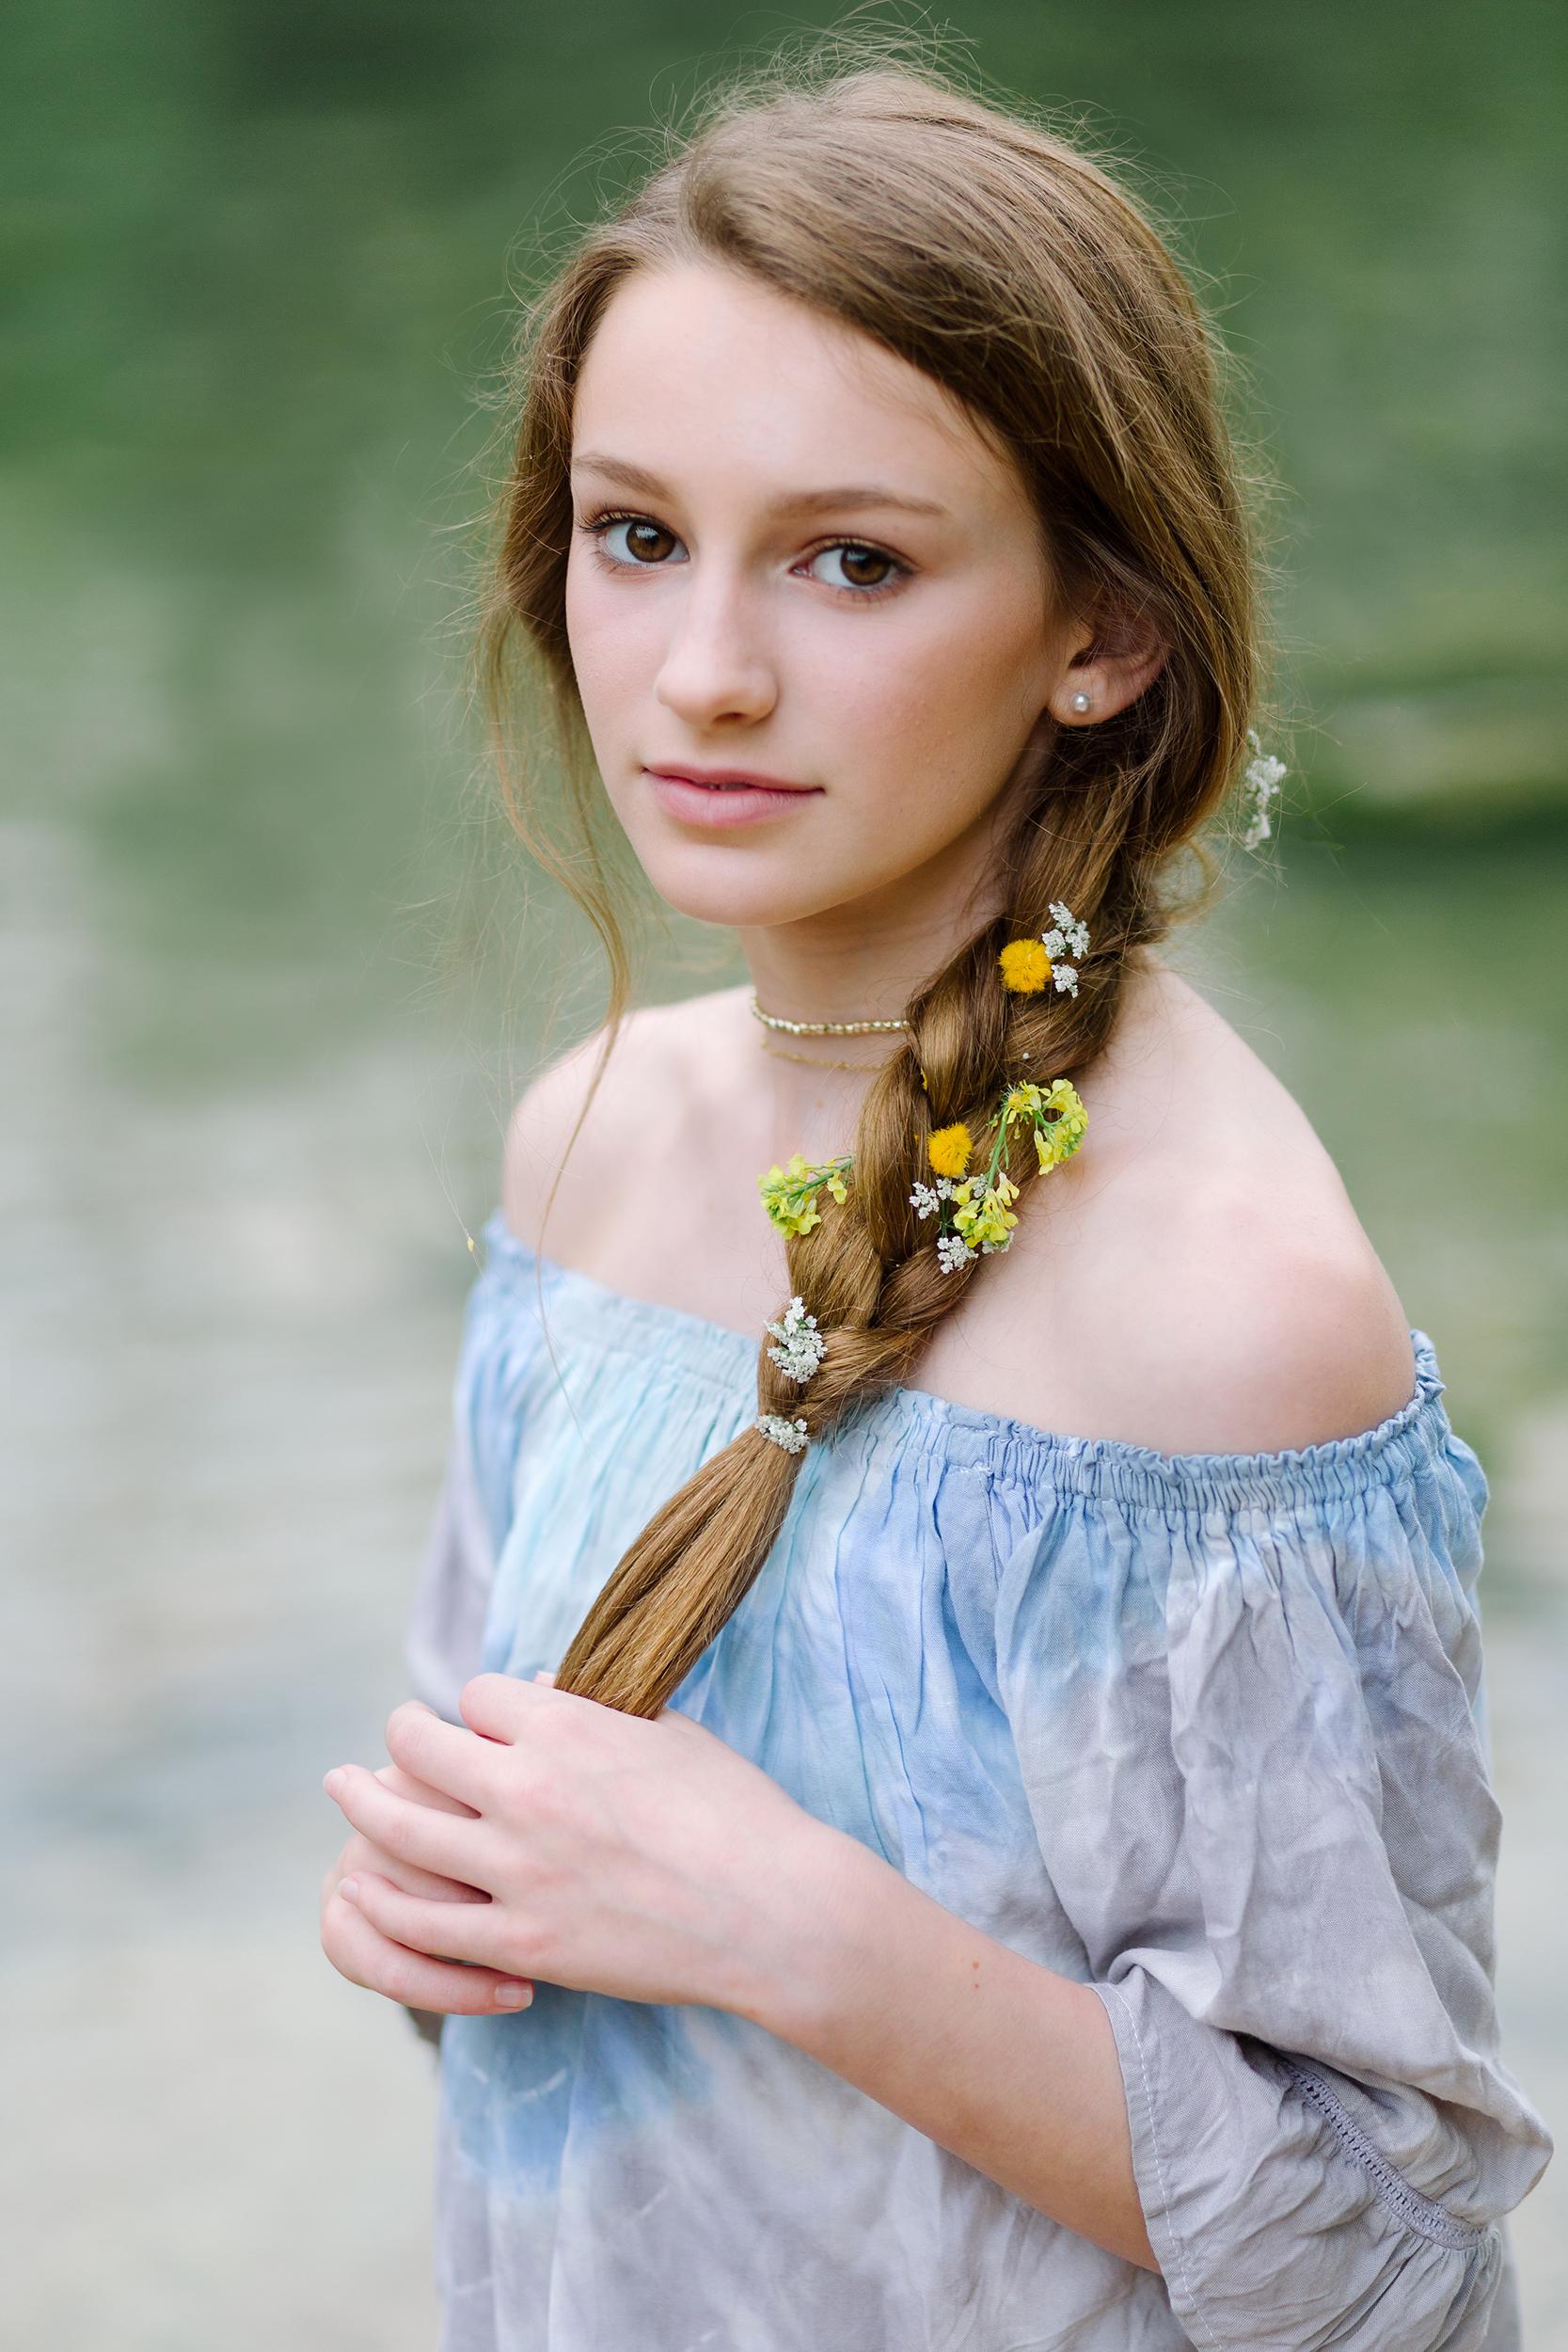 Austin_Teen_Beauty_Photogrpaher_Evie_KBP12.jpg